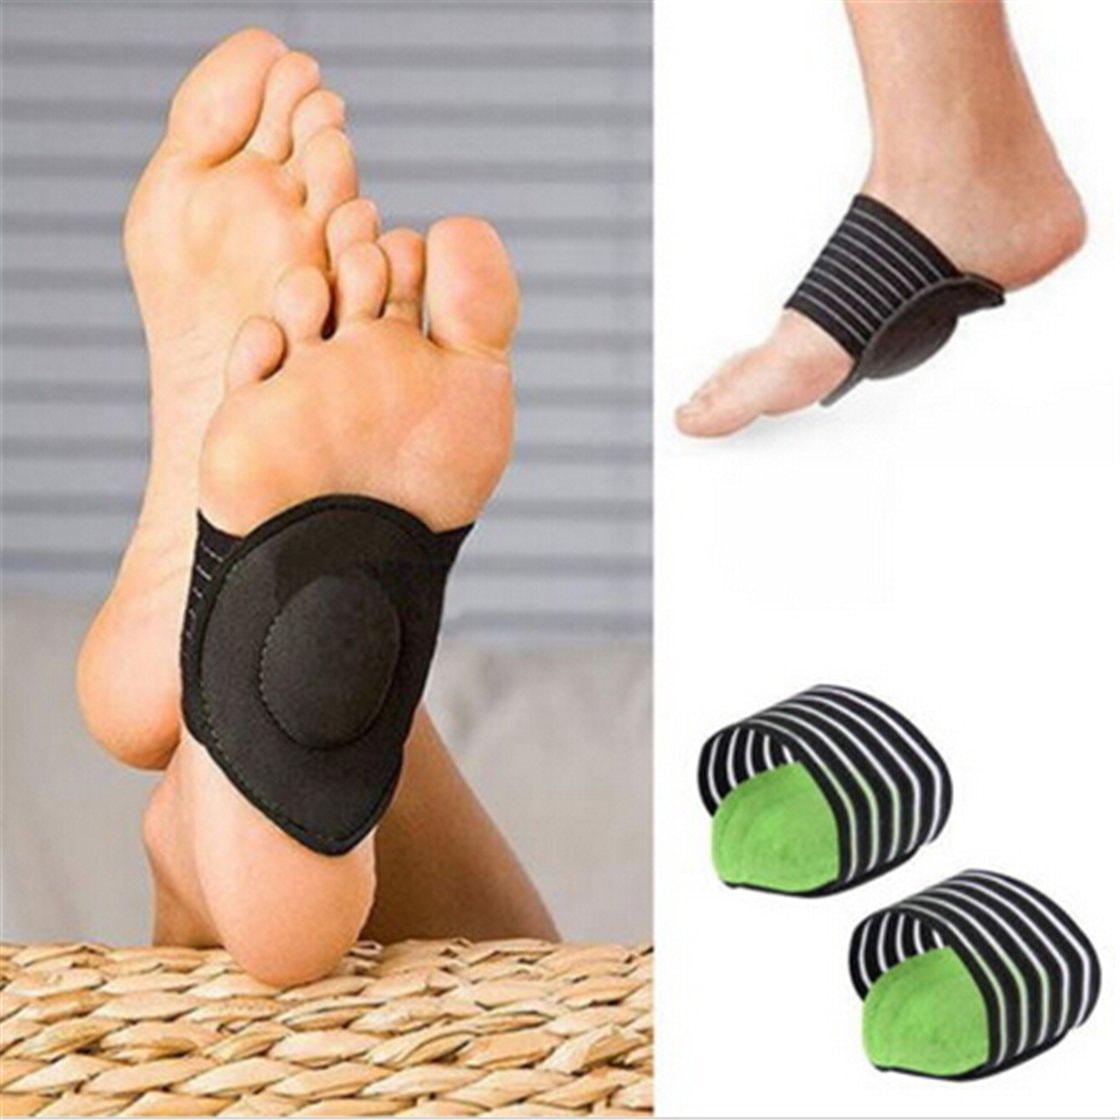 chammart-phu-kien-thong-minh-dem-lot-chan-massage-strutz-cushioned-11.jpg